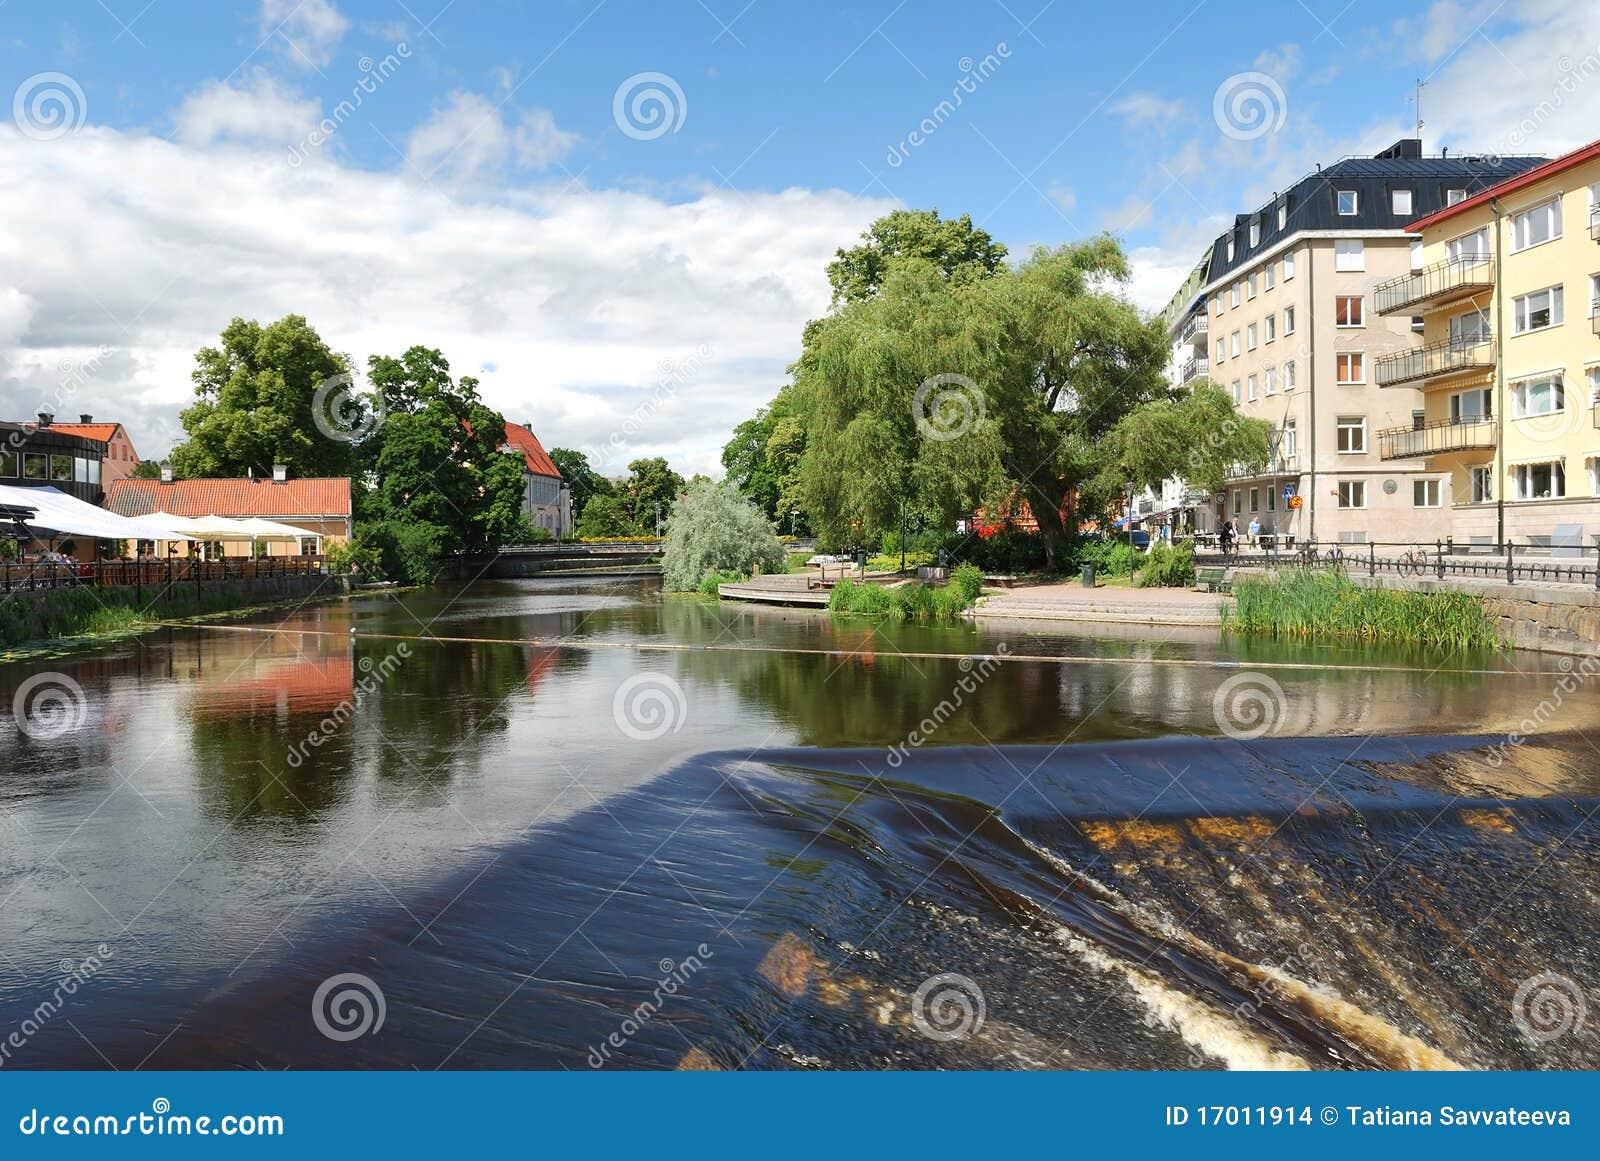 Fyris rzeczny Sweden Uppsala